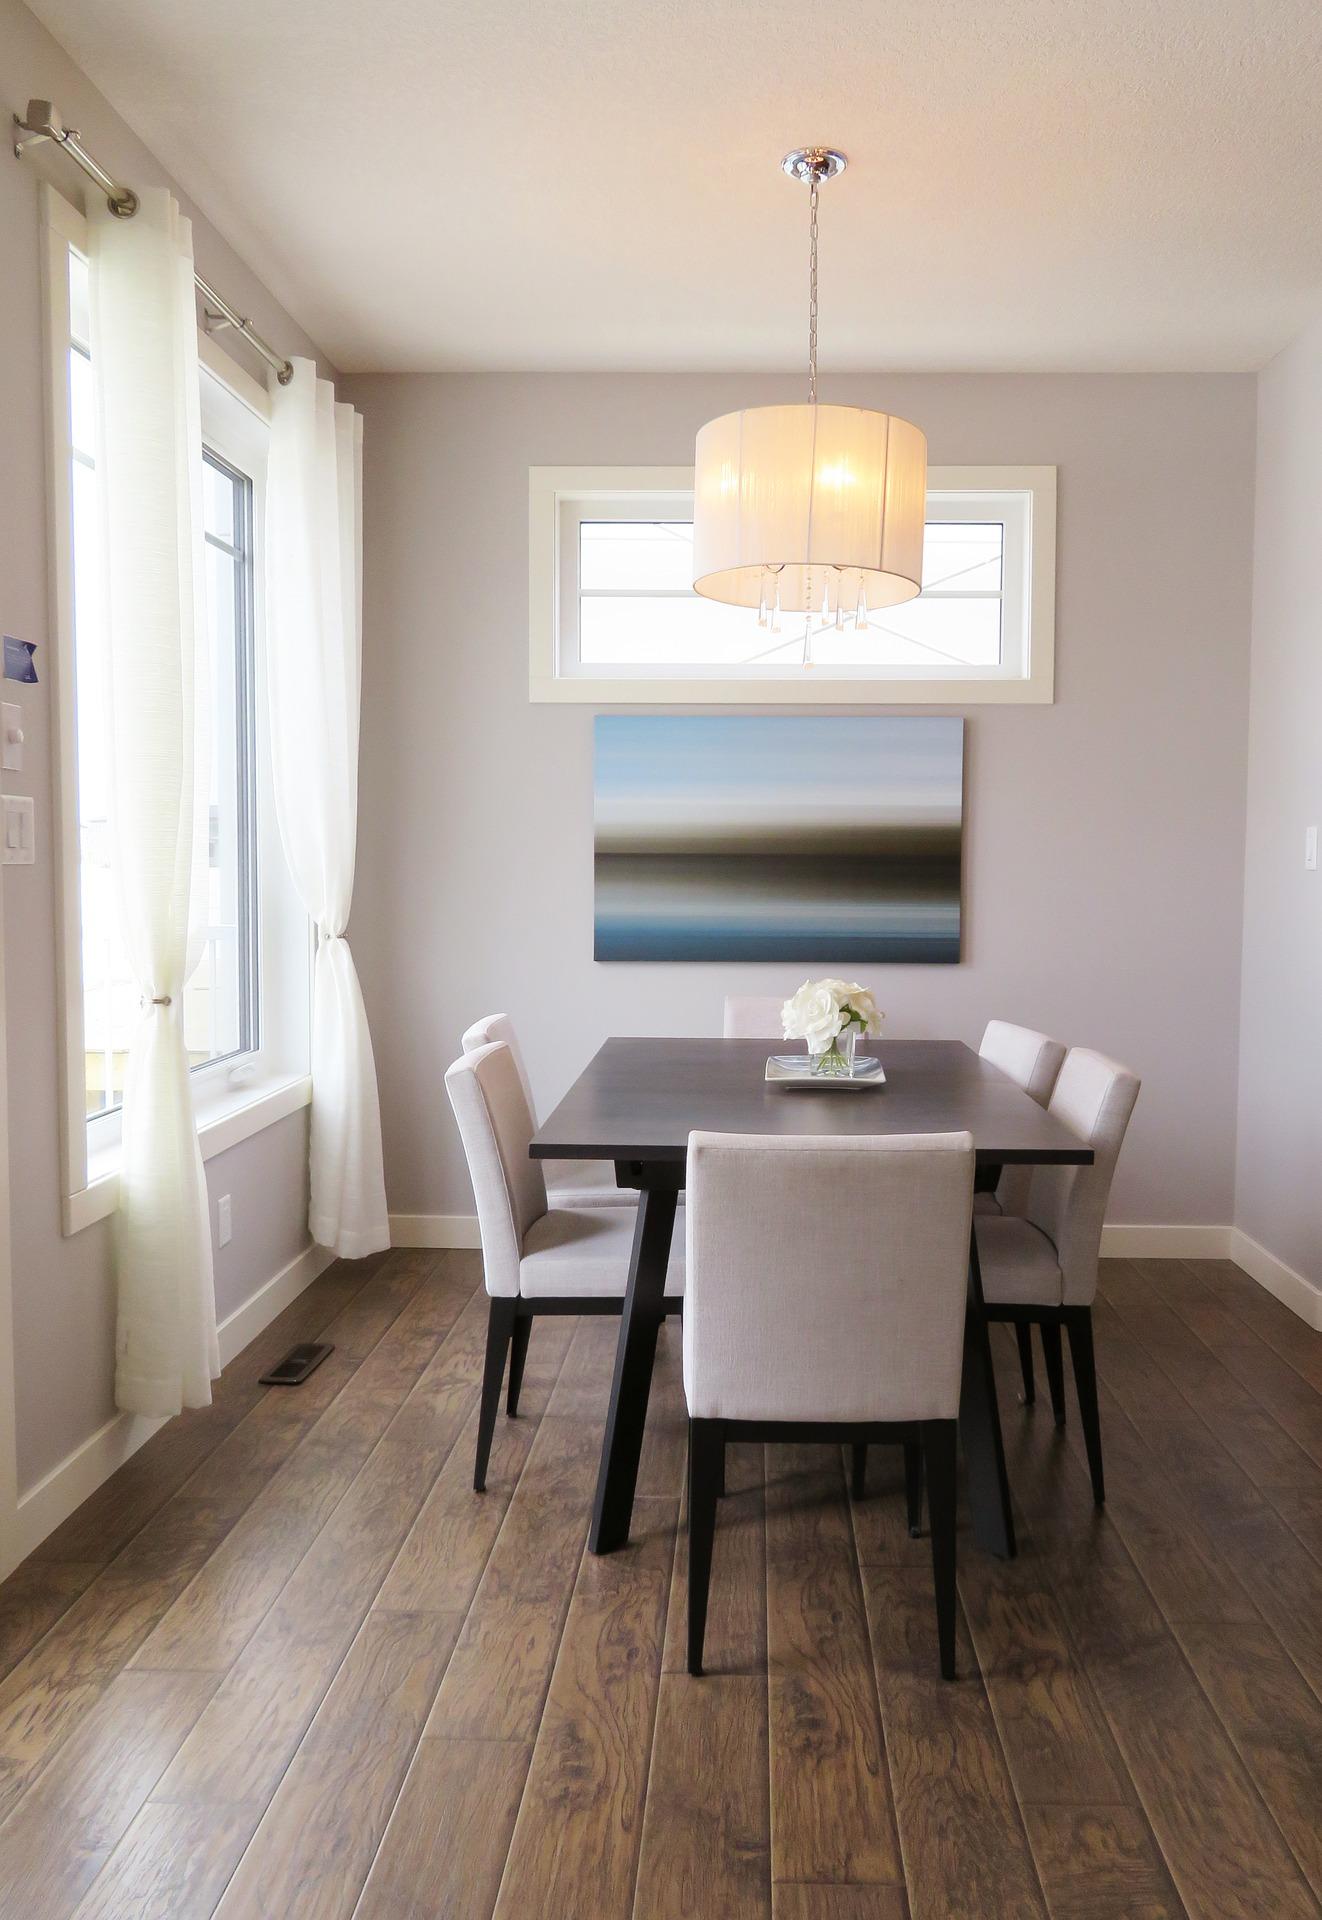 dining-room-2485946_1920